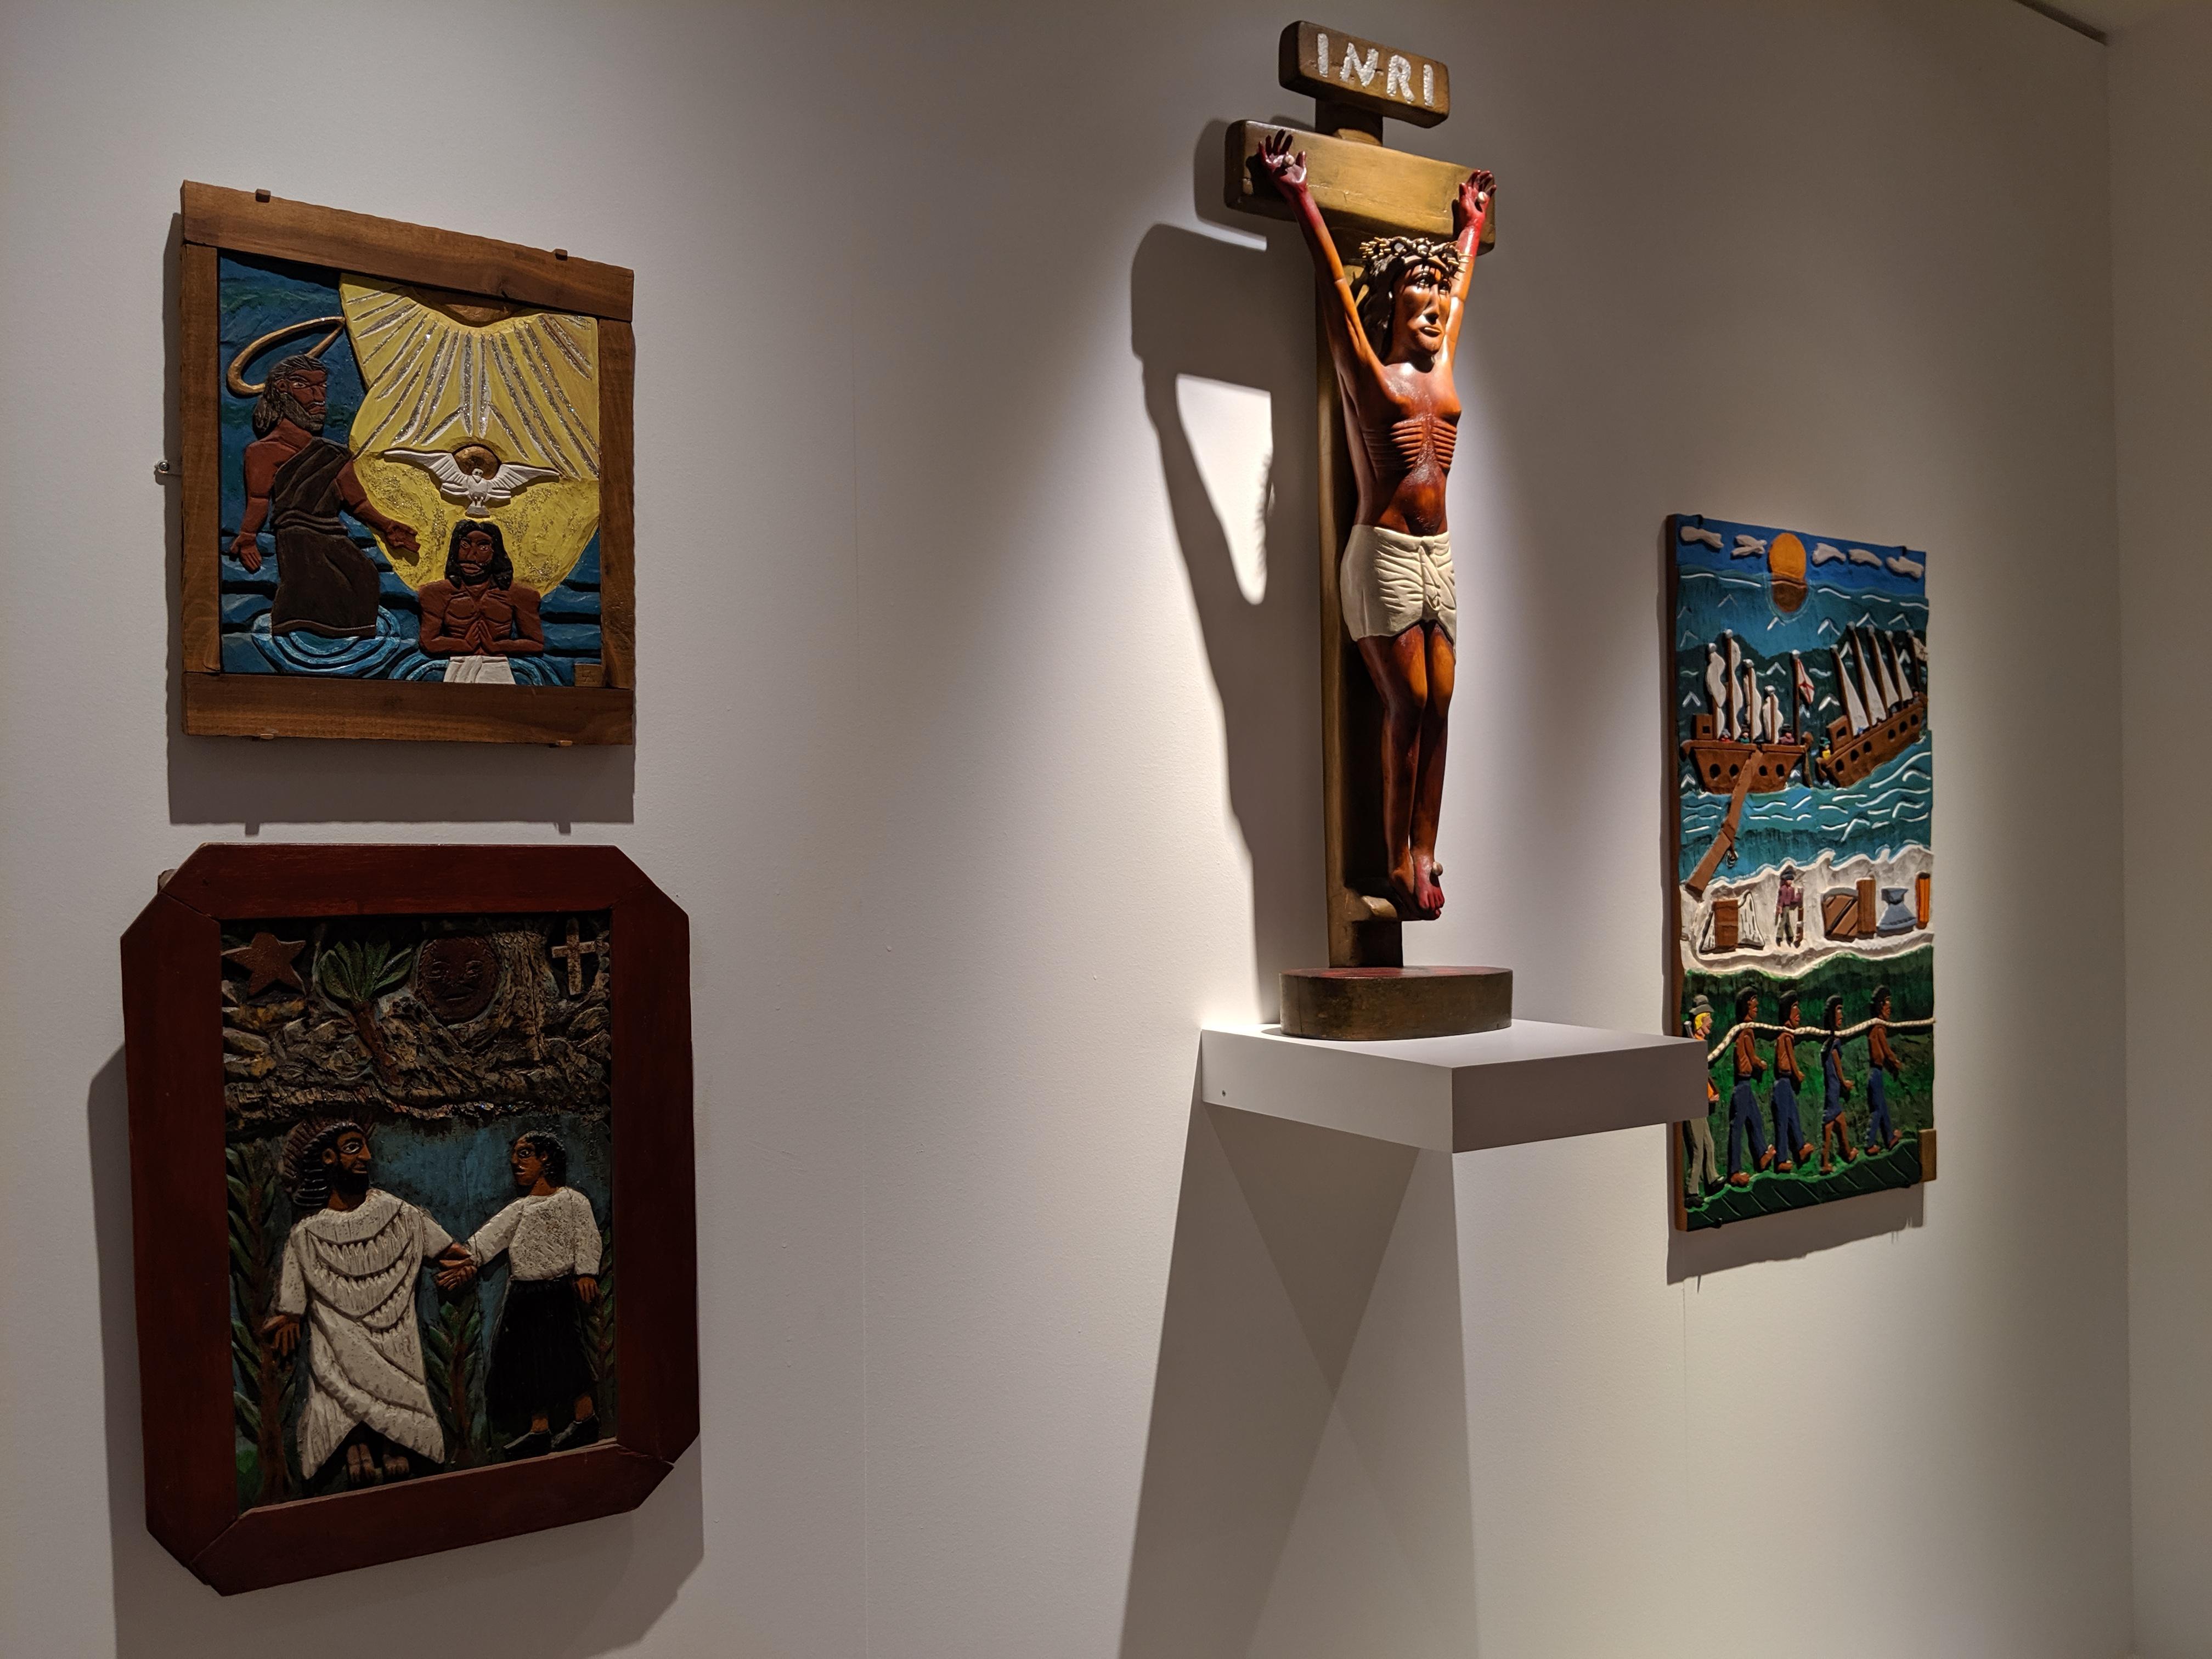 High Museum of Art folk art (Almon, Pierce, Davis)